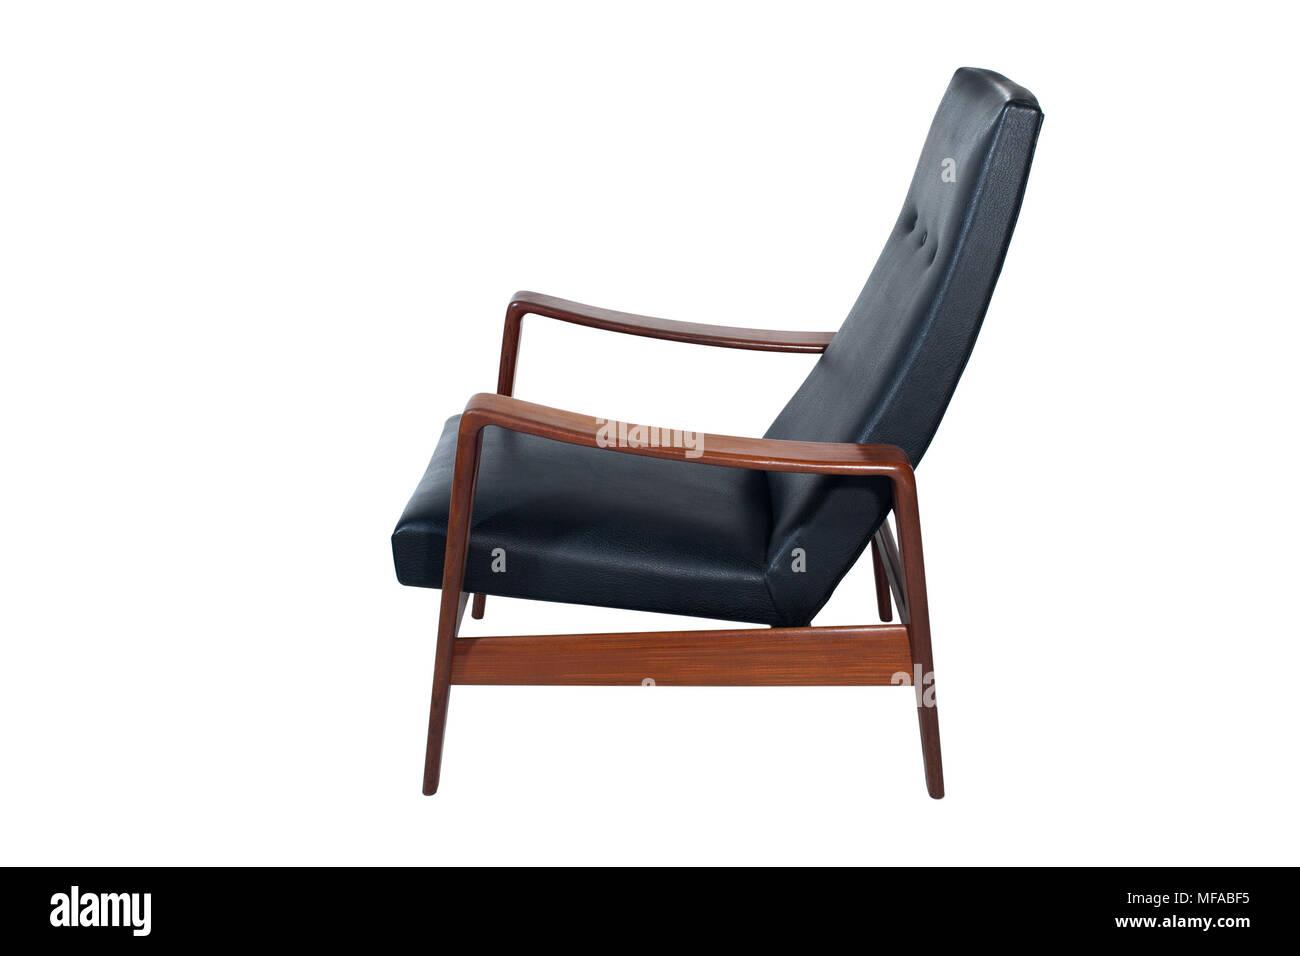 Moderne Sessel Auf Weißem Hintergrund Stockfoto Bild 181552089 Alamy